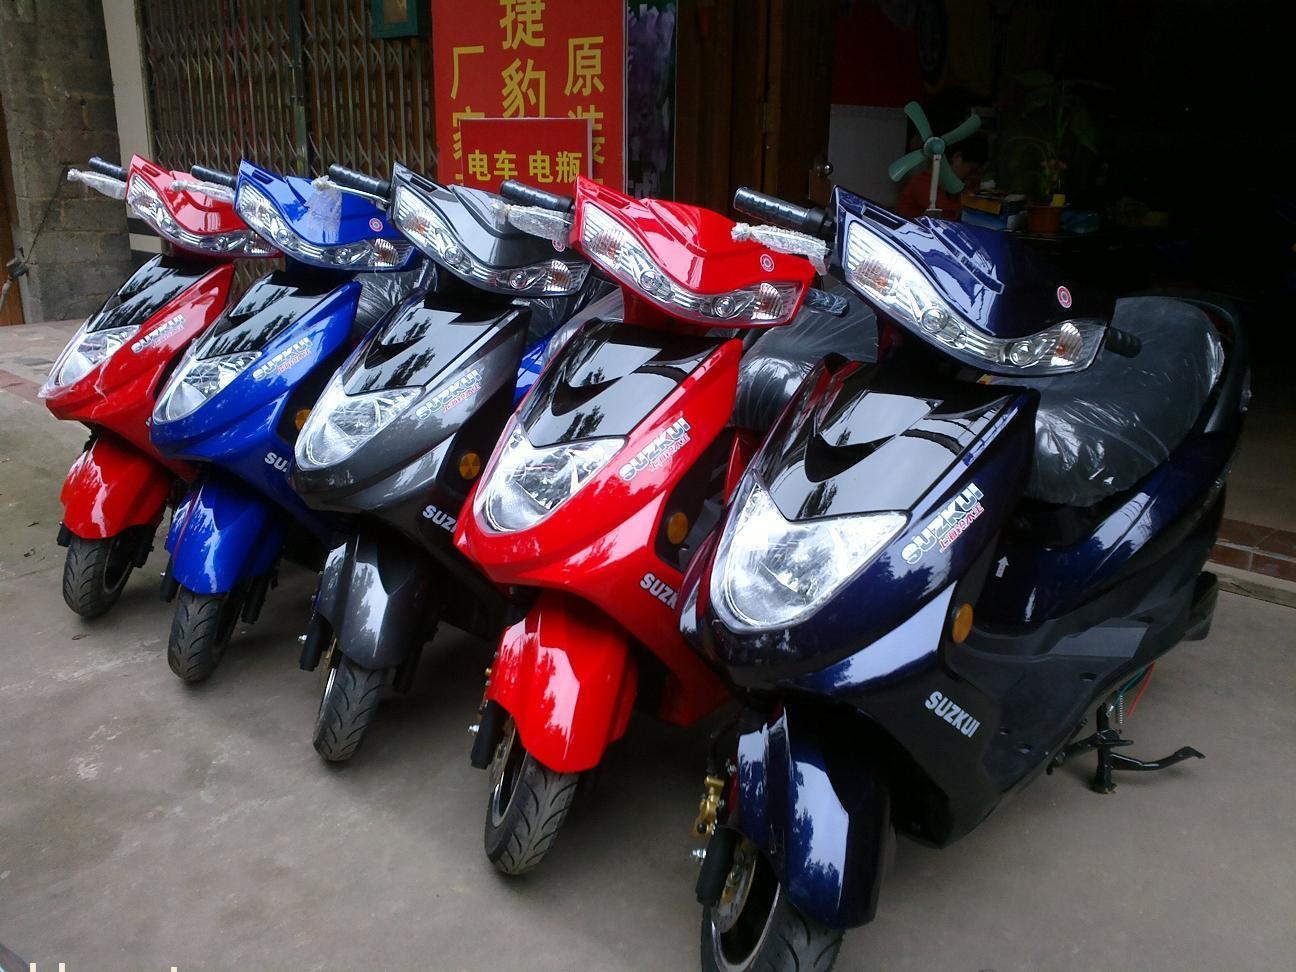 上海铃木王讯鹰电动摩托车